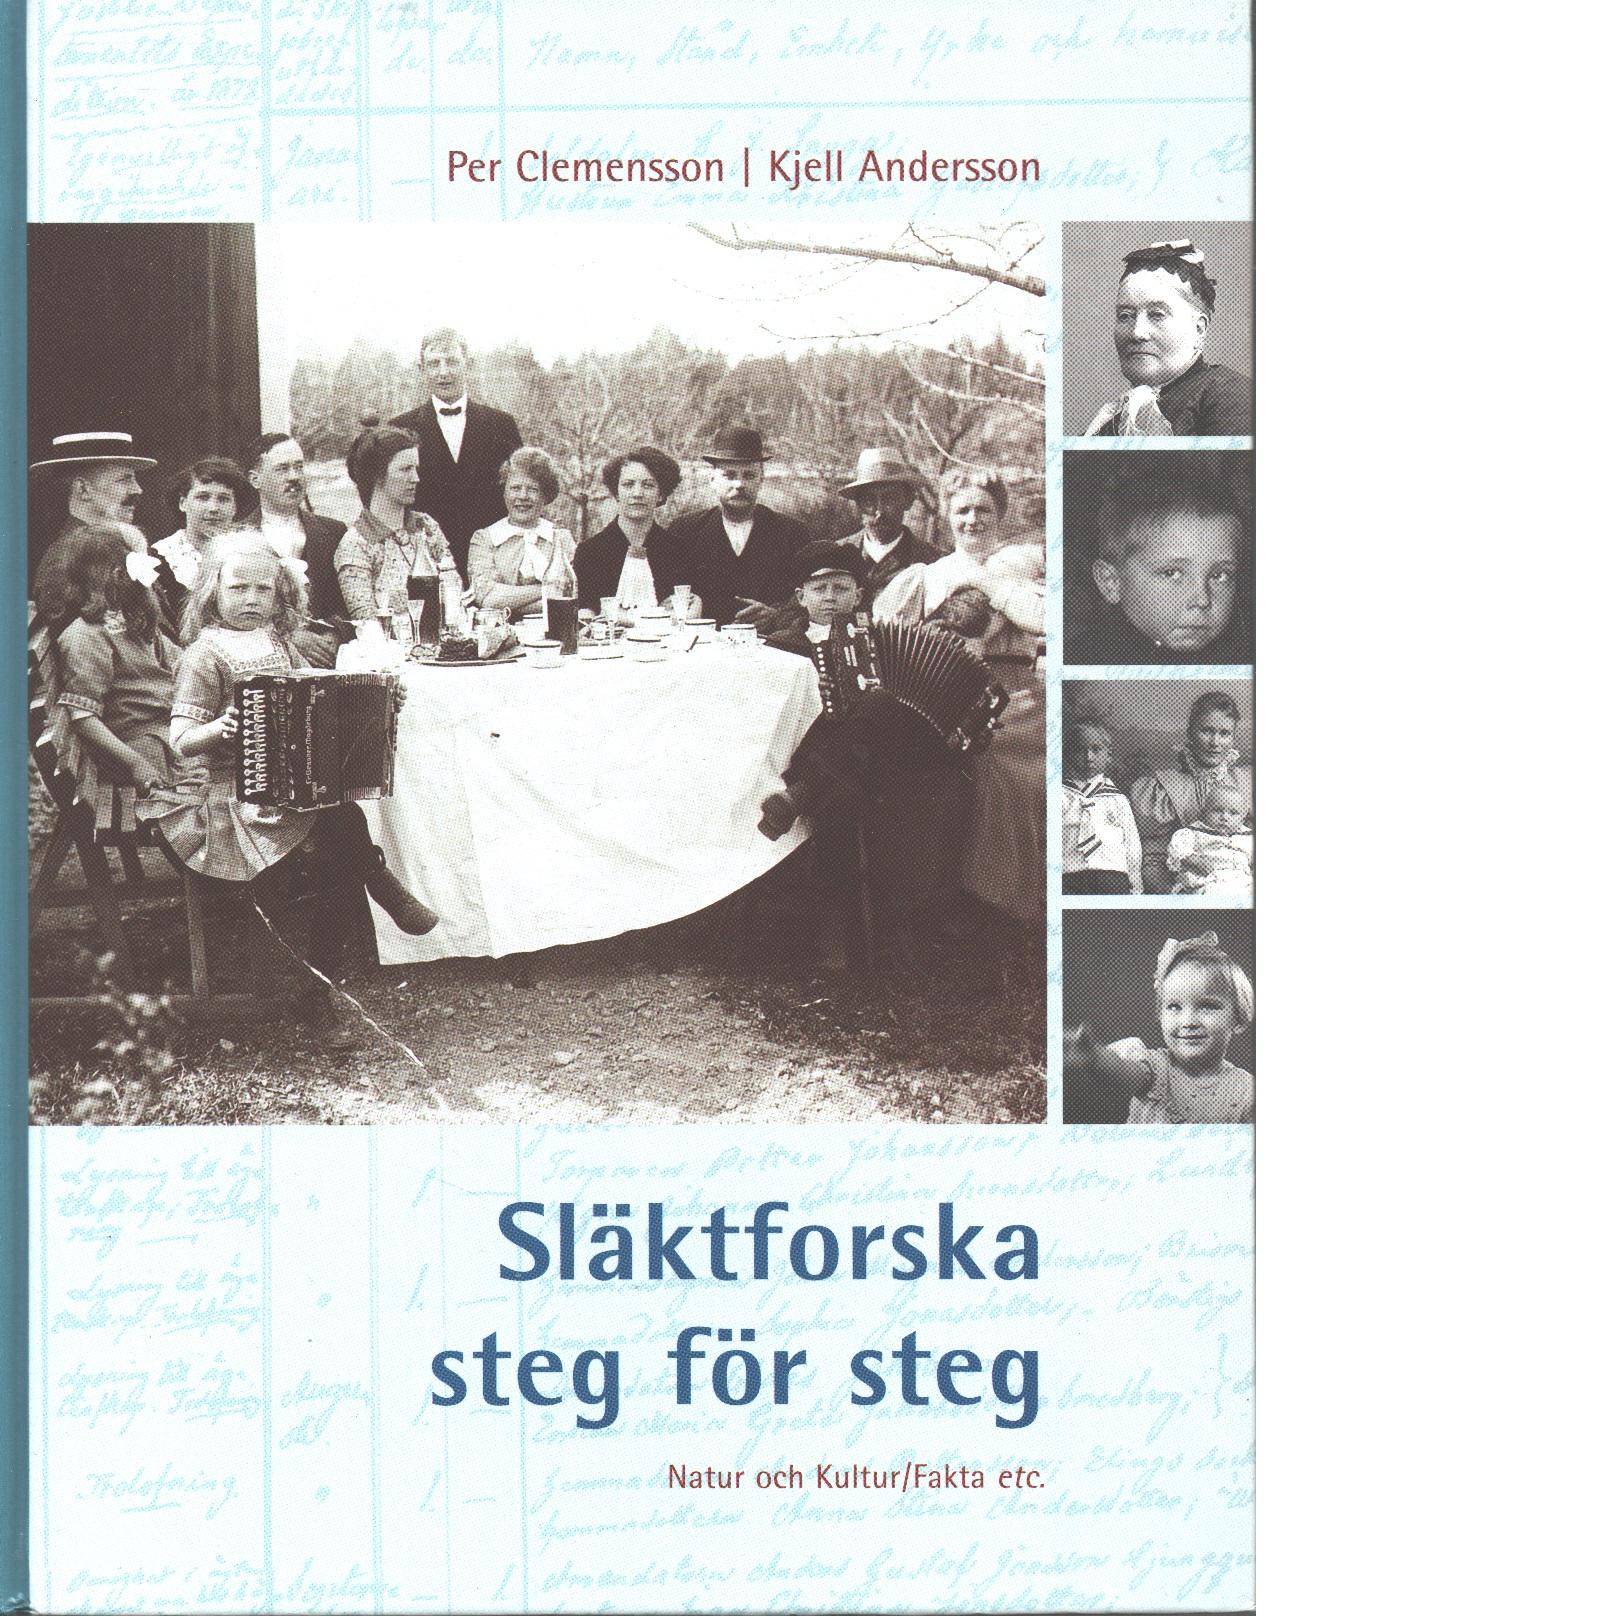 Släktforska!  Steg för steg - Clemensson, Per  och  Andersson, Kjell